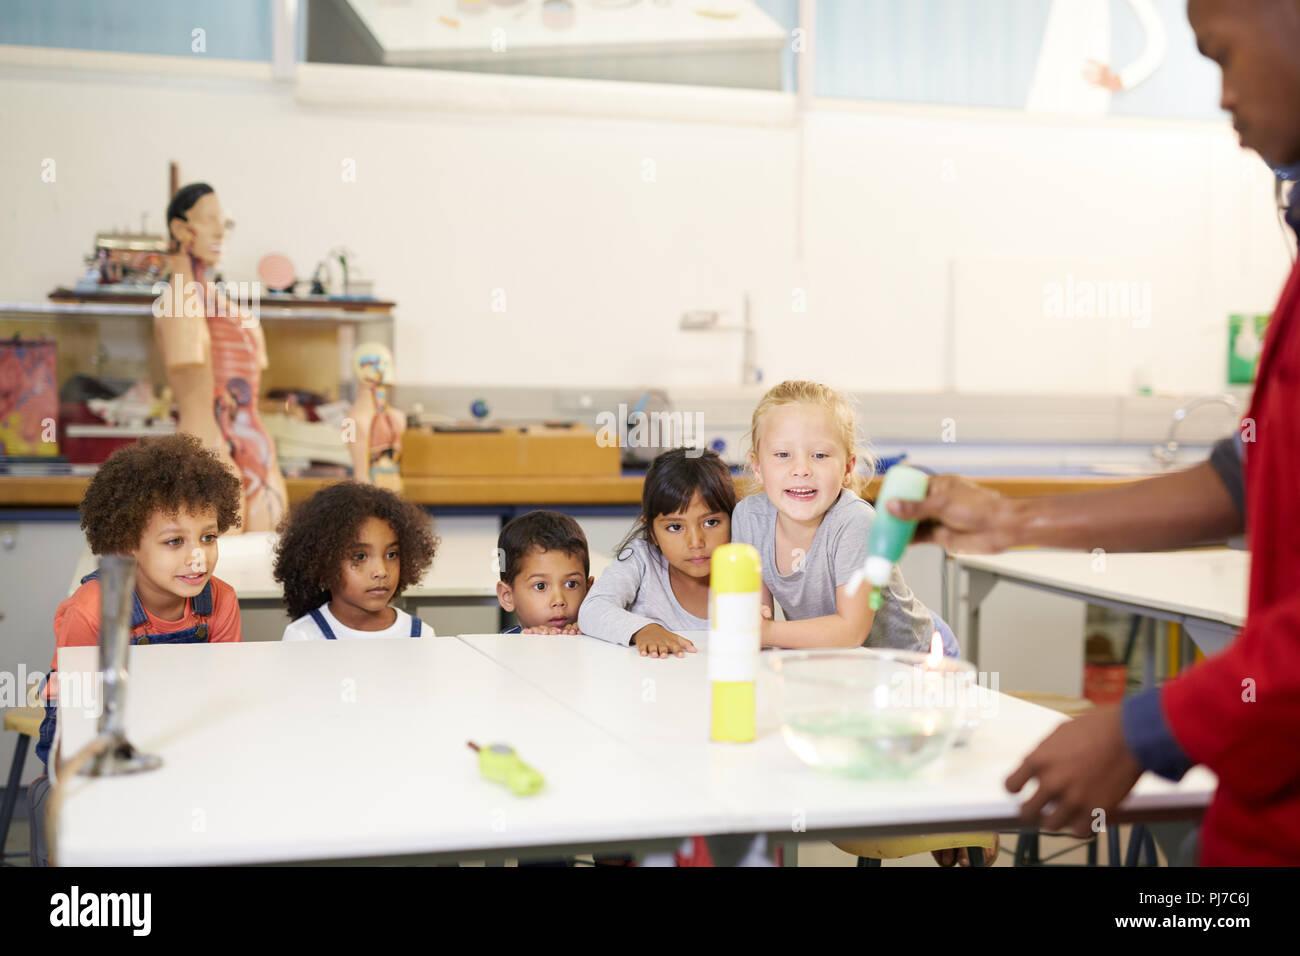 Les enfants curieux à regarder la science experiment in science center Photo Stock